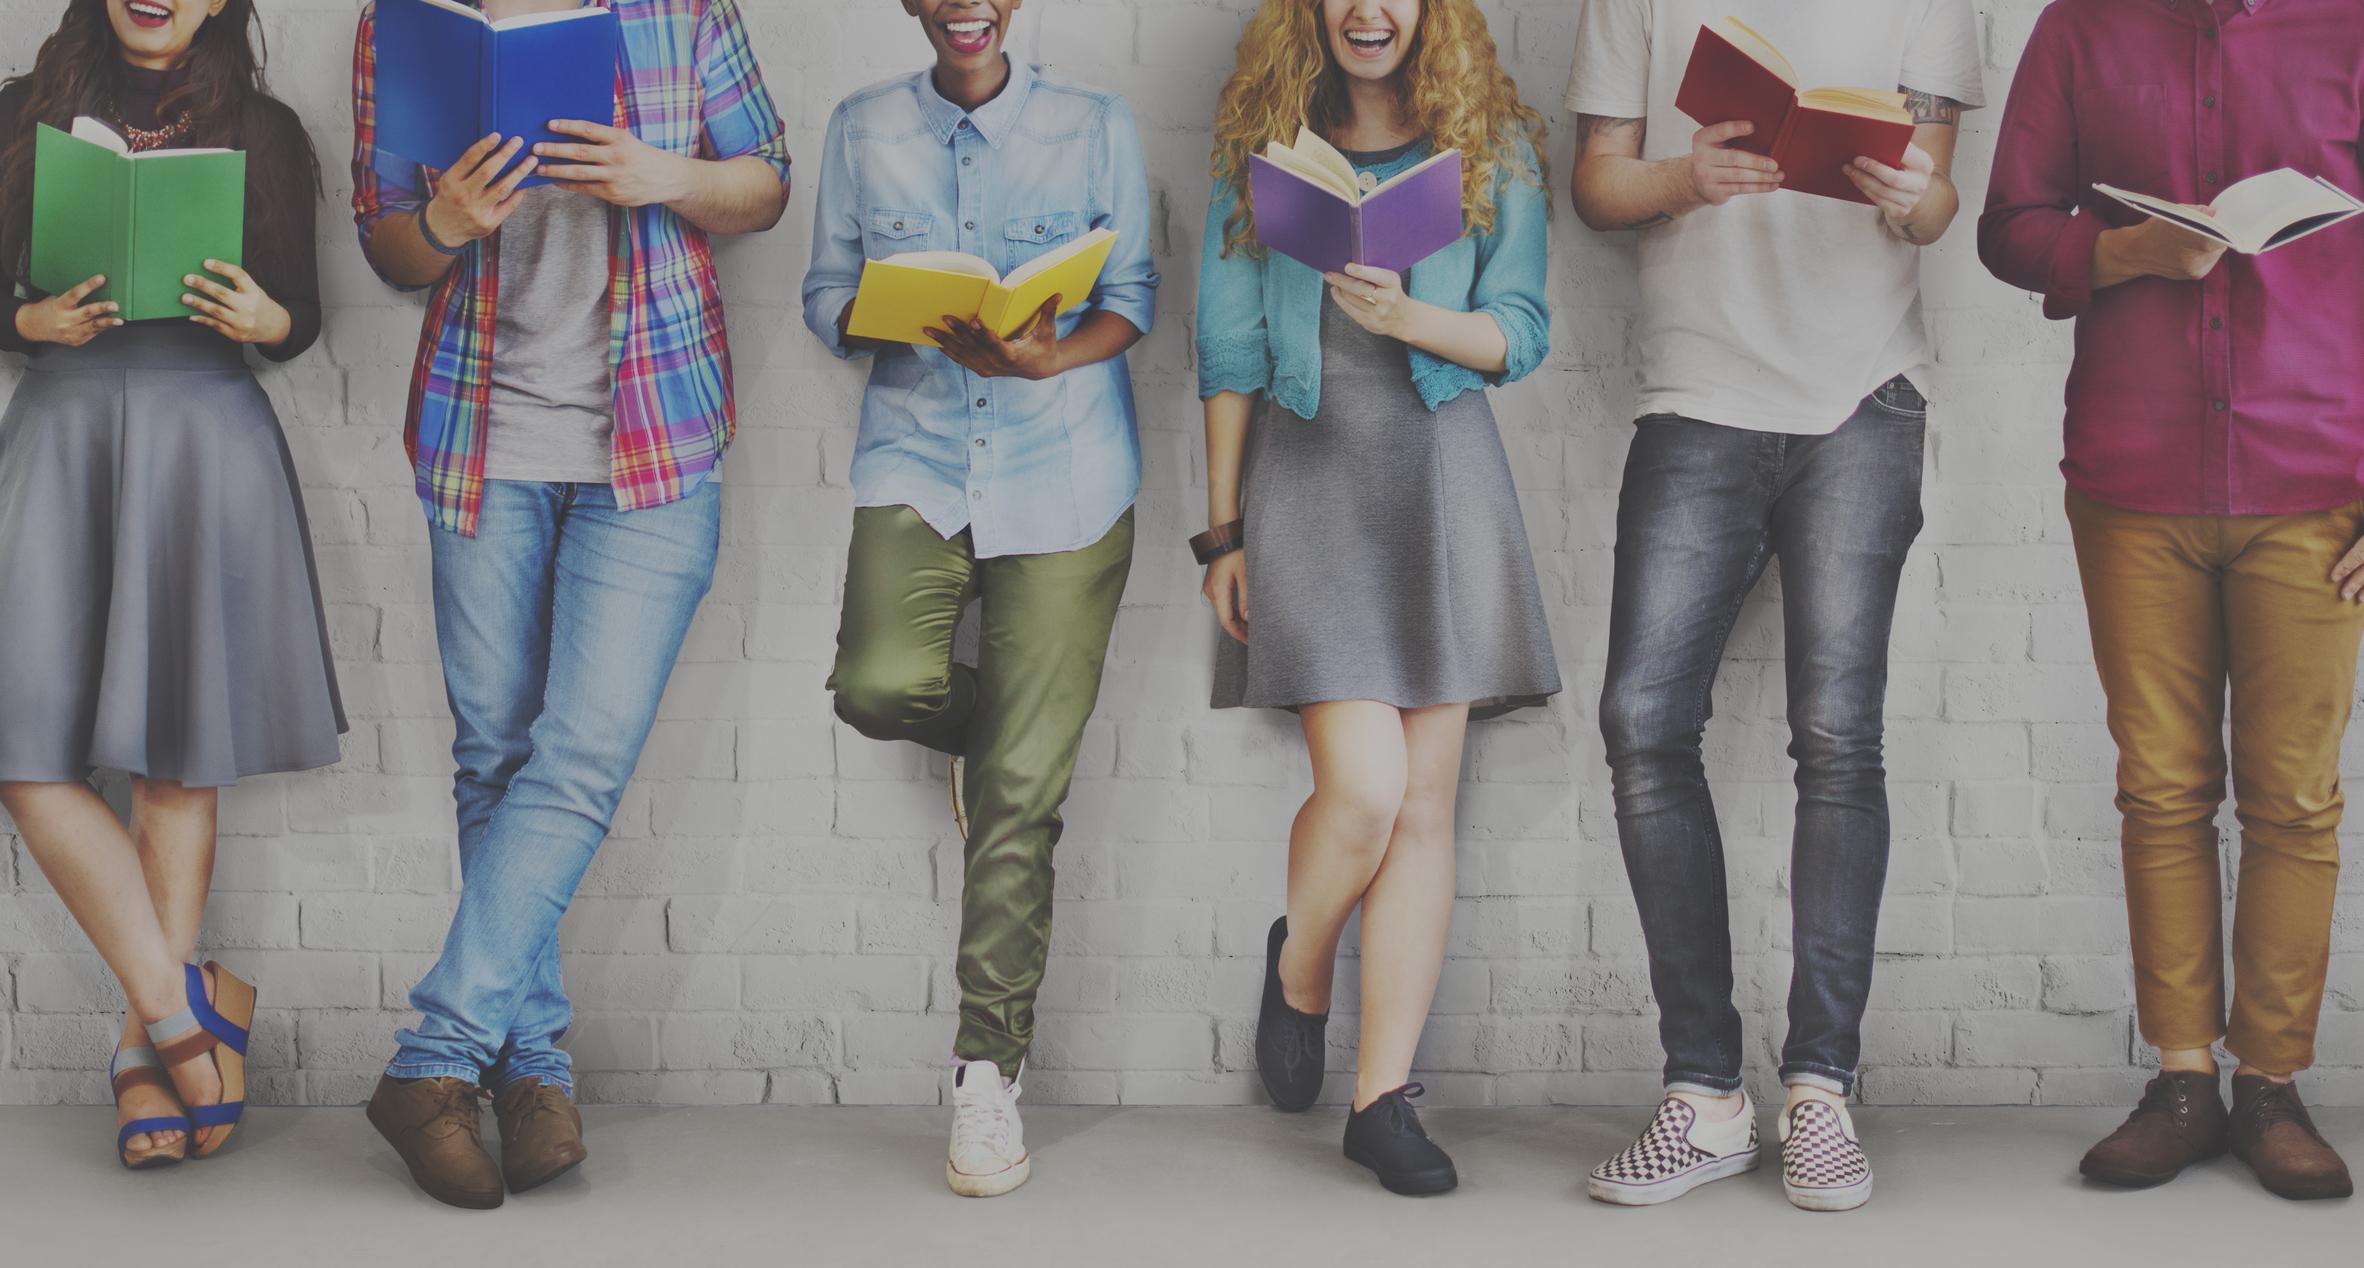 Buchvorstellung Mit Diesen 7 Tipps Wirds Richtig Gut